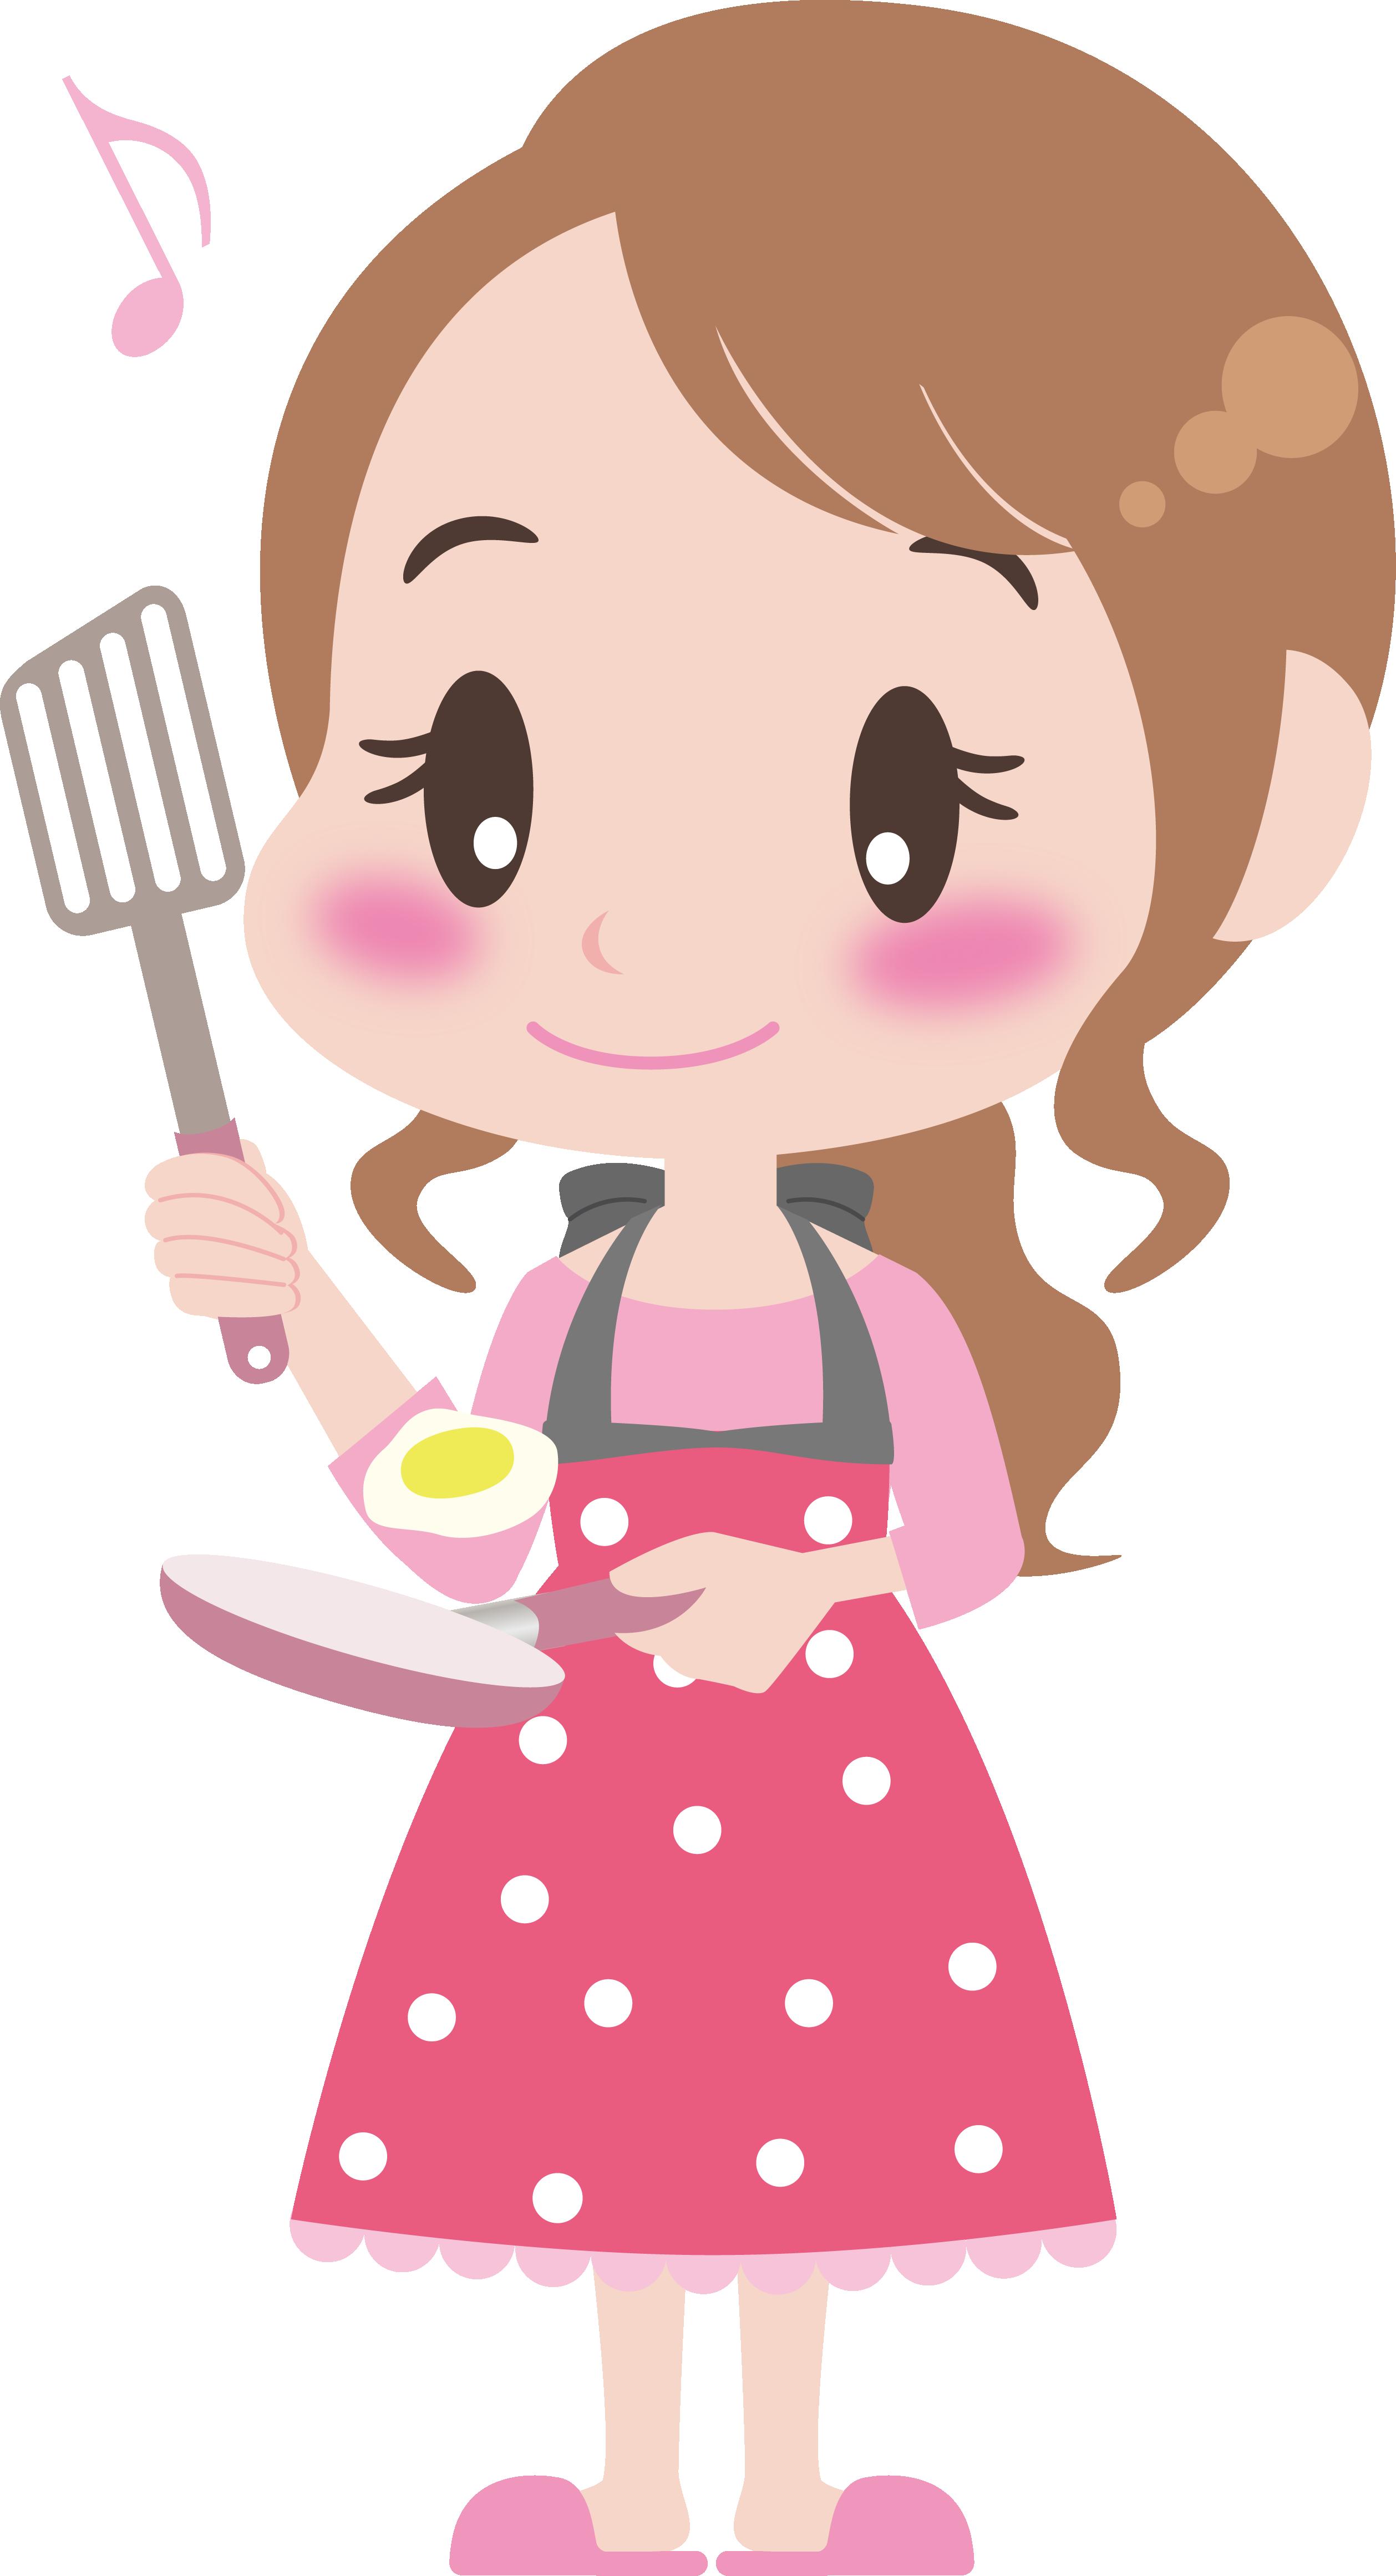 Cozinheiros a copeiras e. Mittens clipart baking